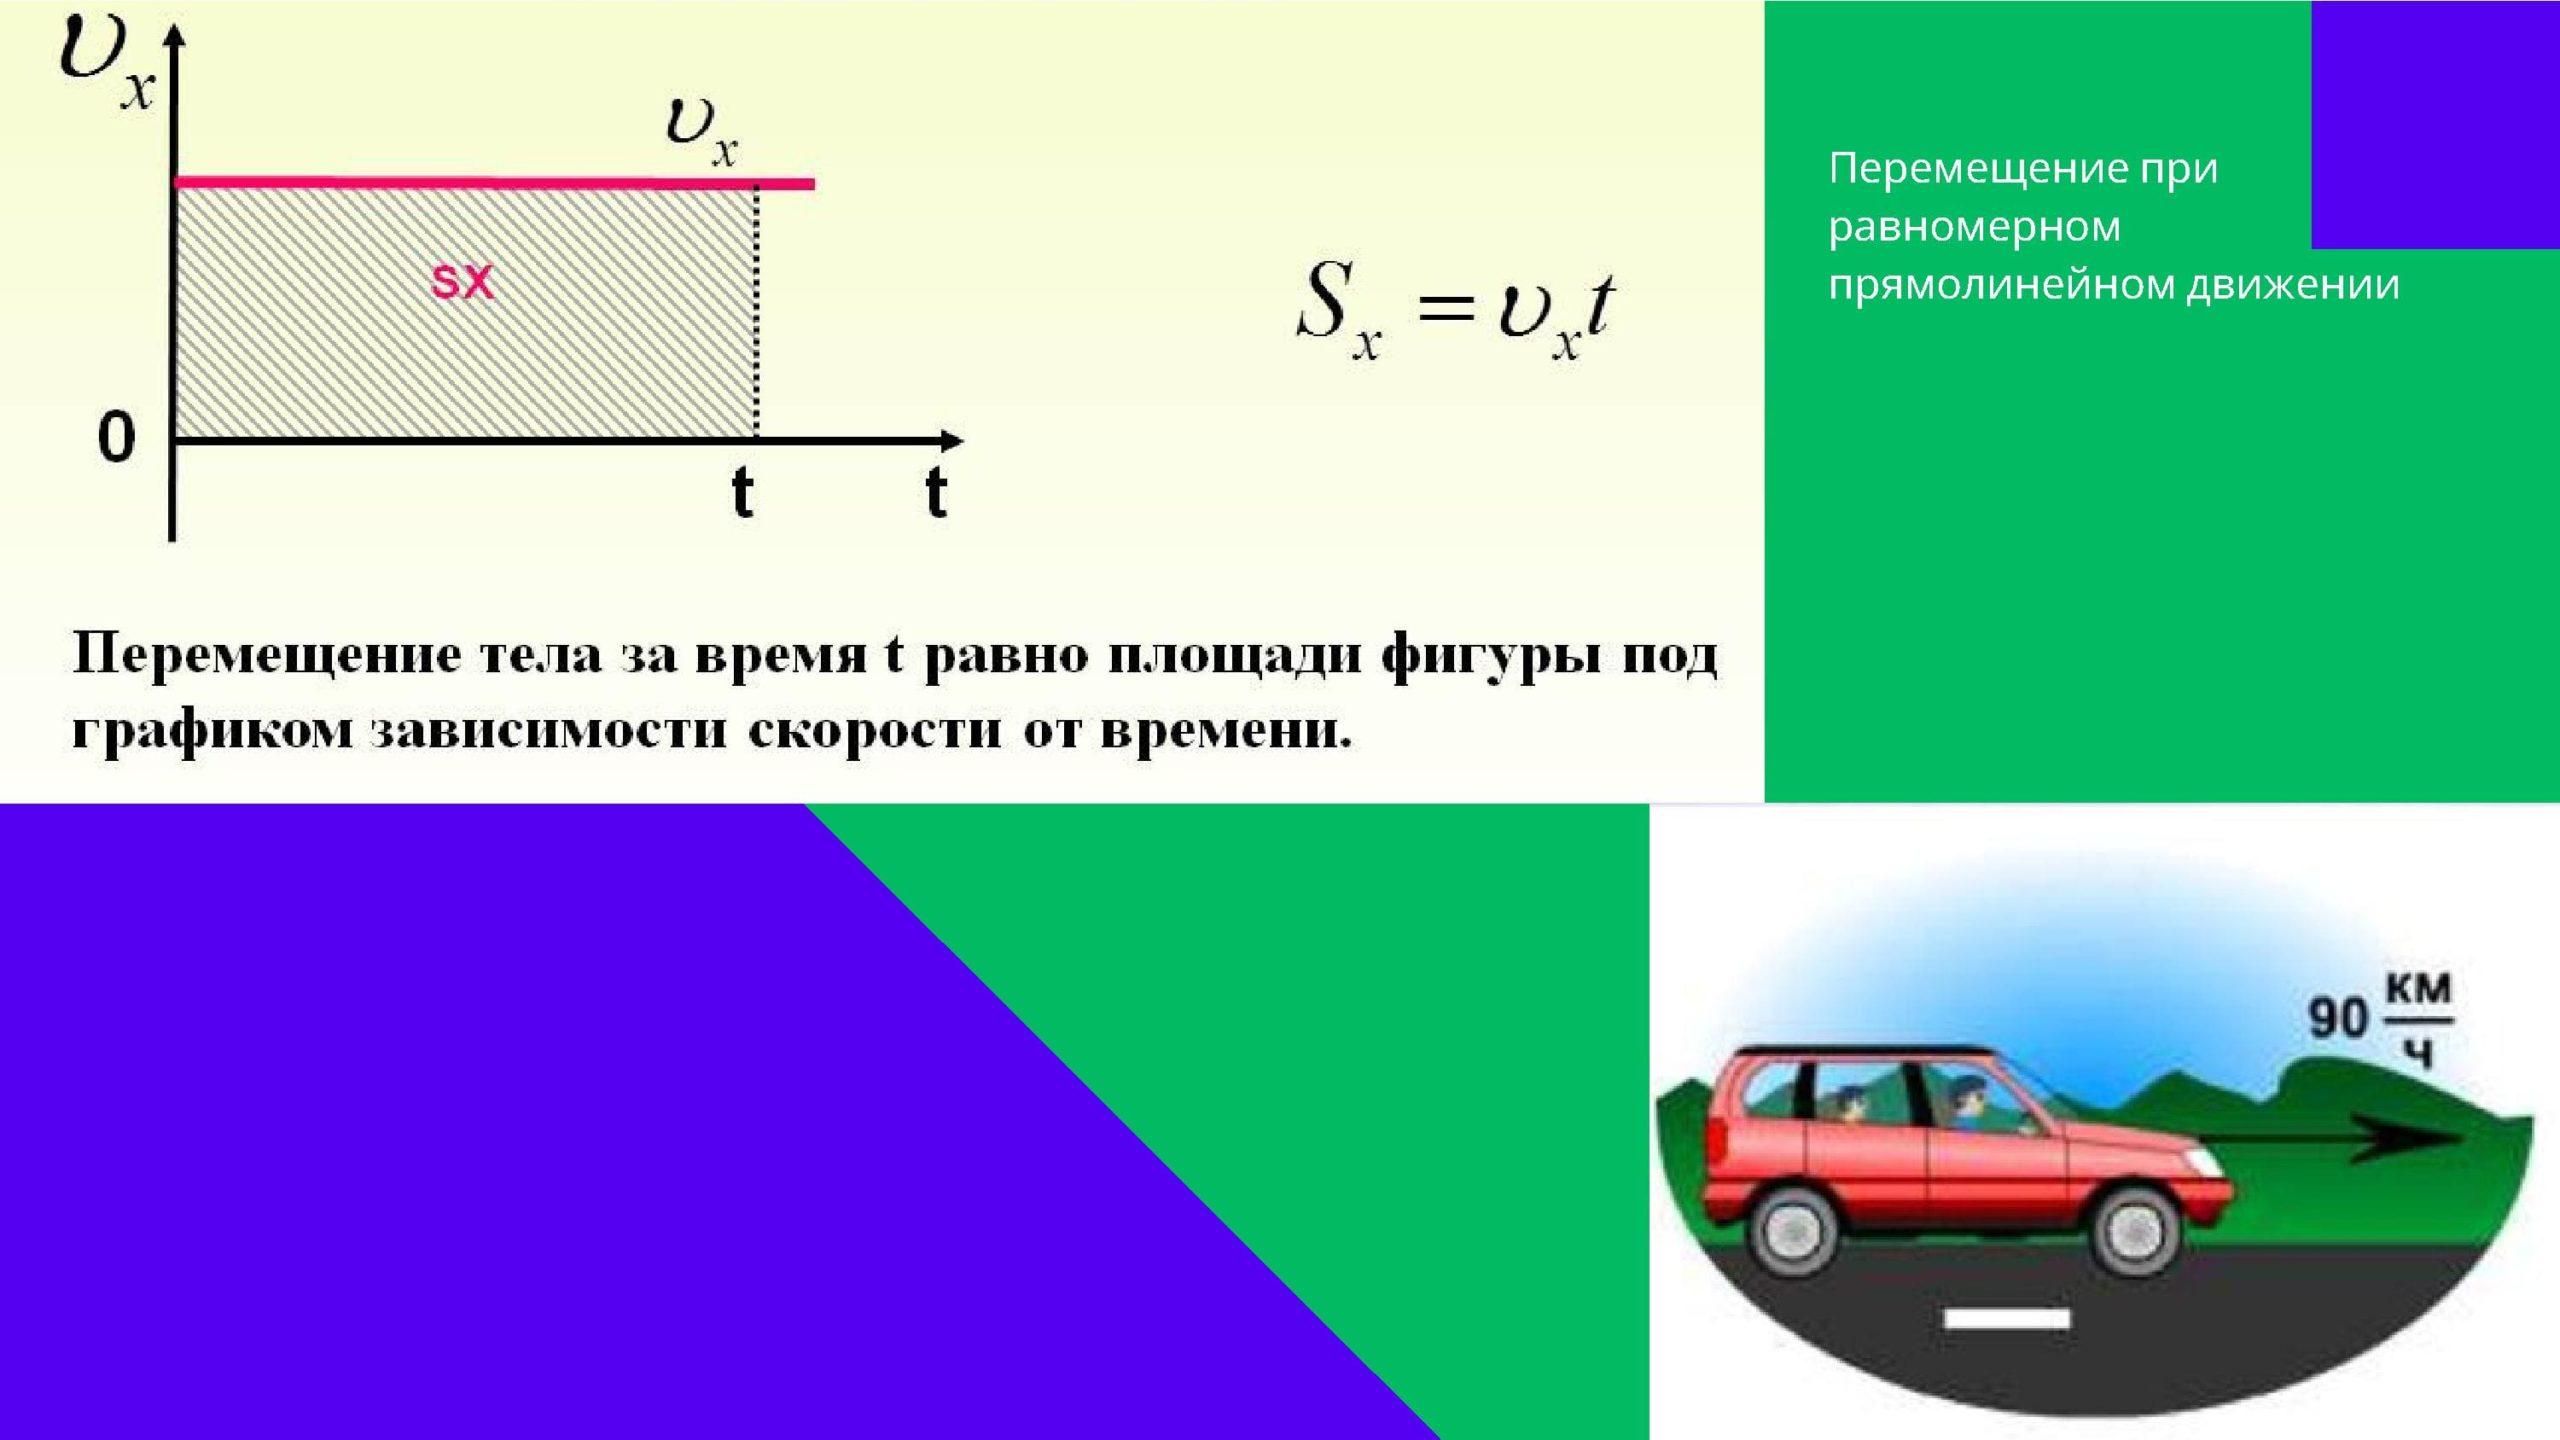 Перемещение при равномерном прямолинейном движении